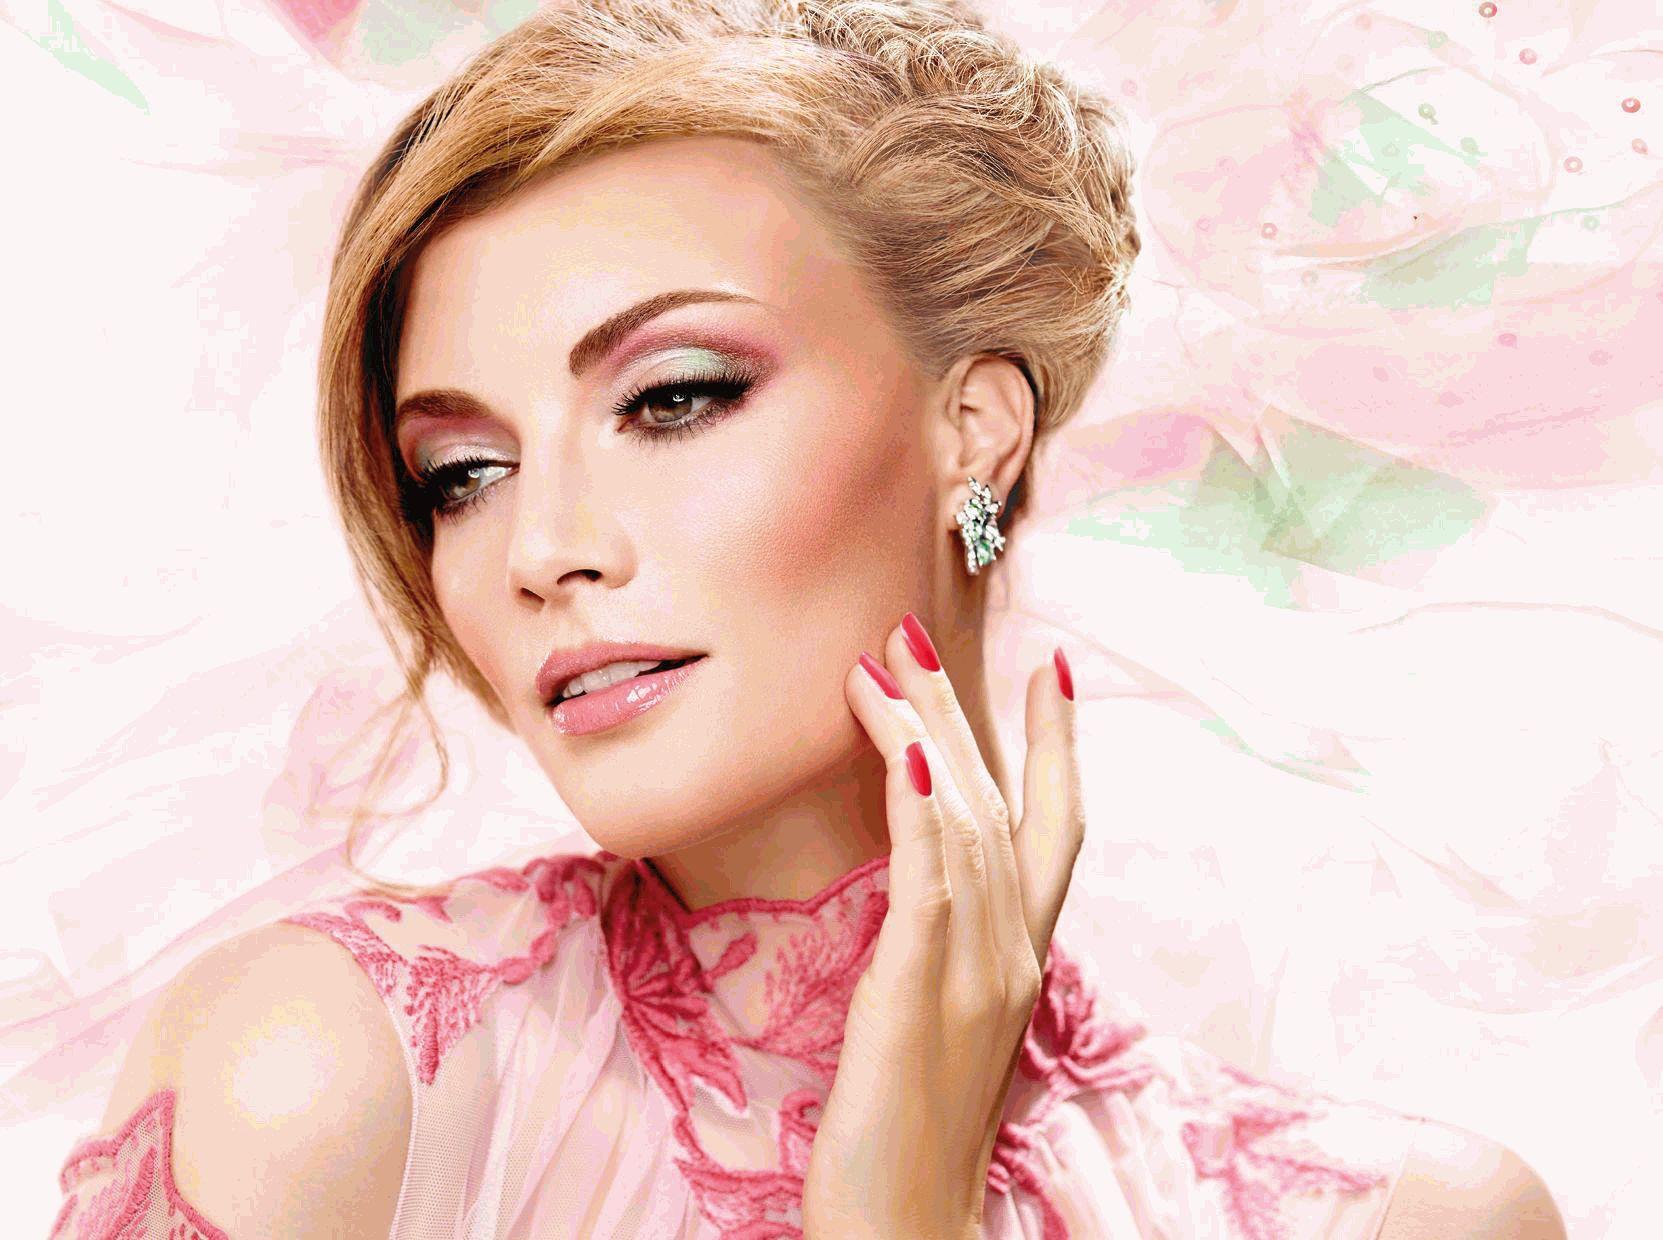 Make Up Factory,весна 2014,весна-лето 2014,цвет 2014 года,макияж,Pantone,Radiant Orchid